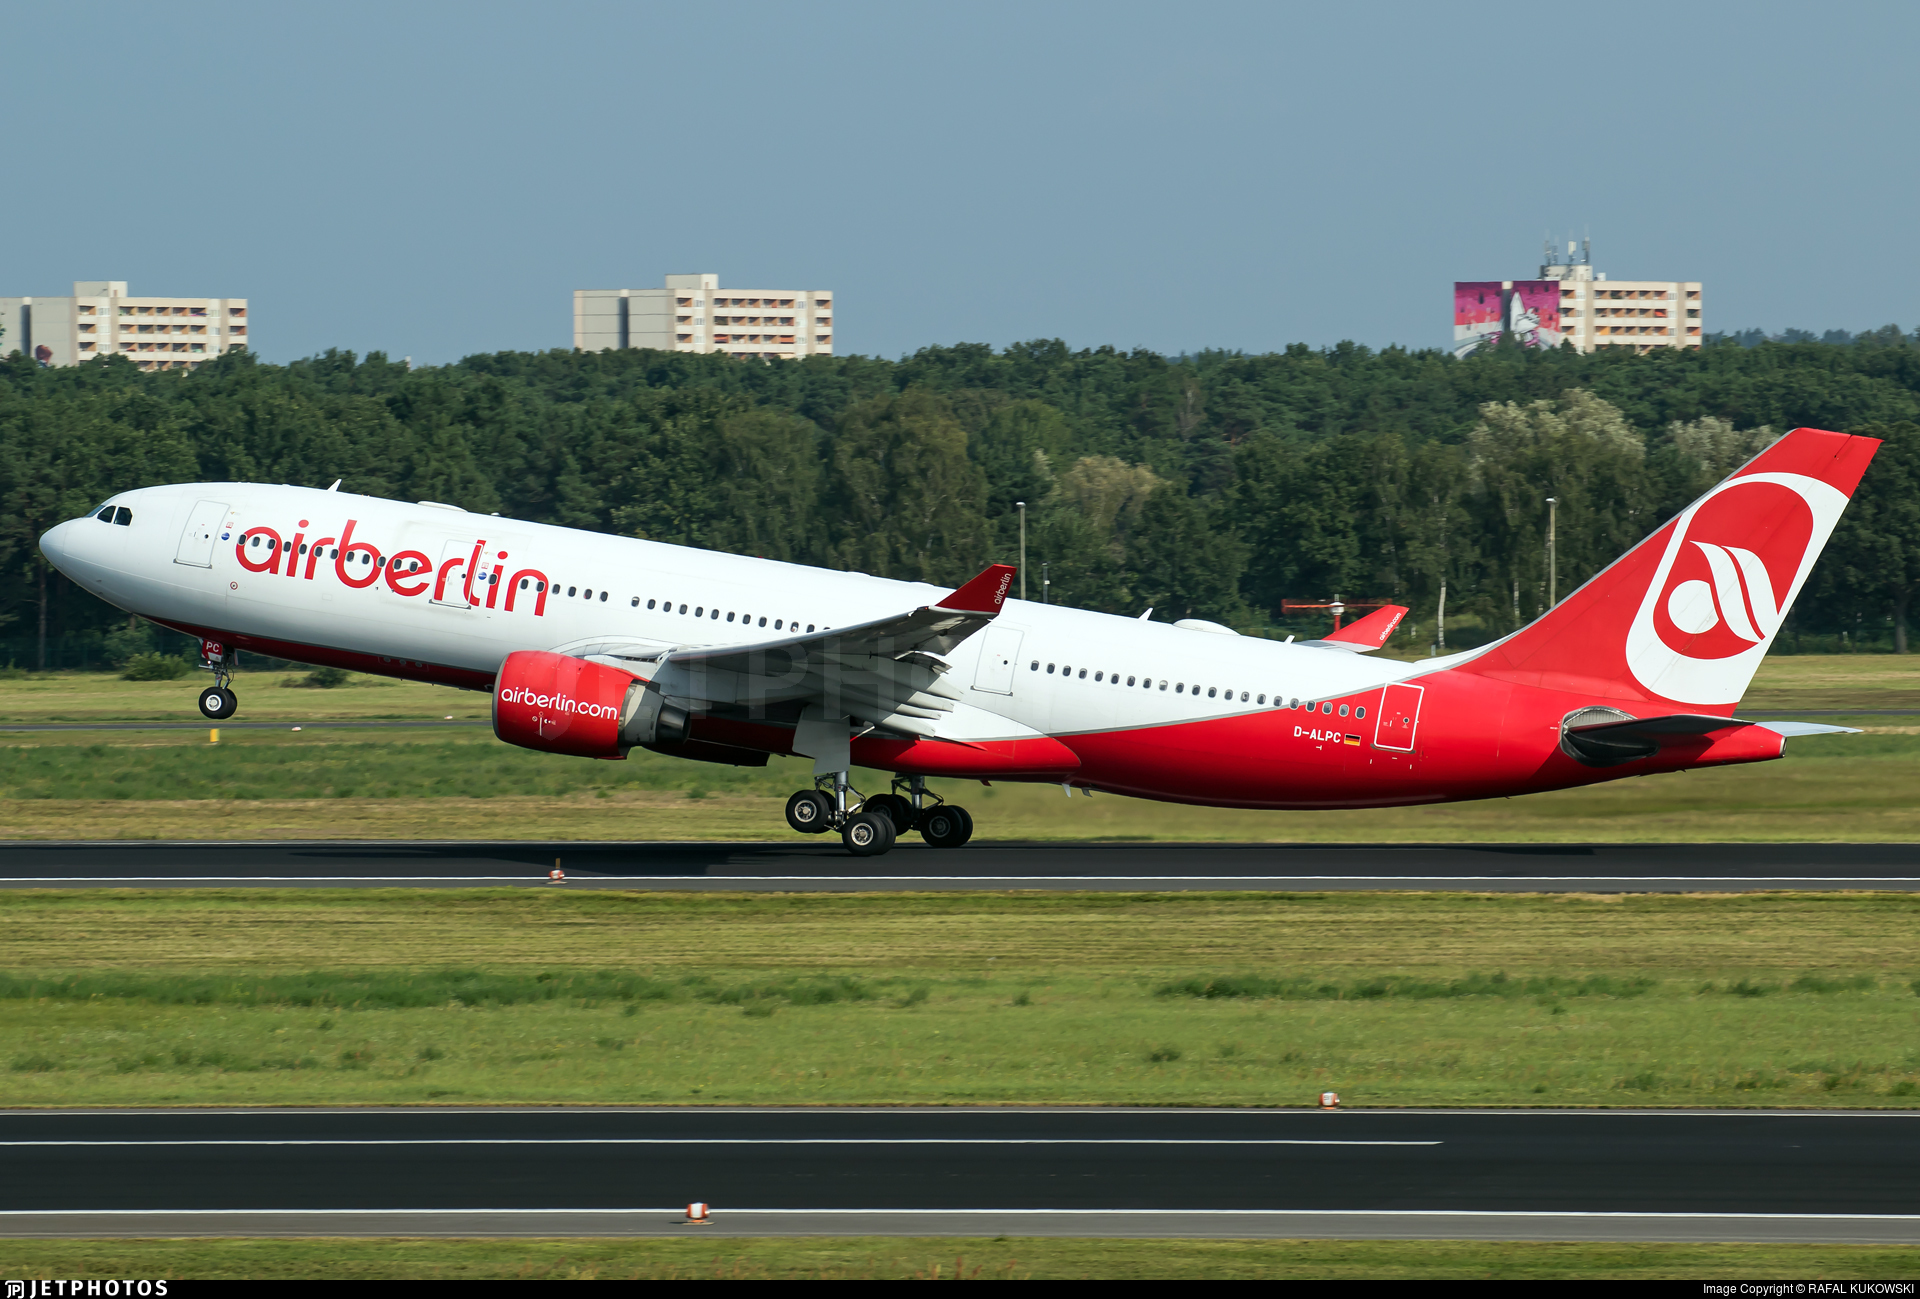 D-ALPC - Airbus A330-223 - Air Berlin